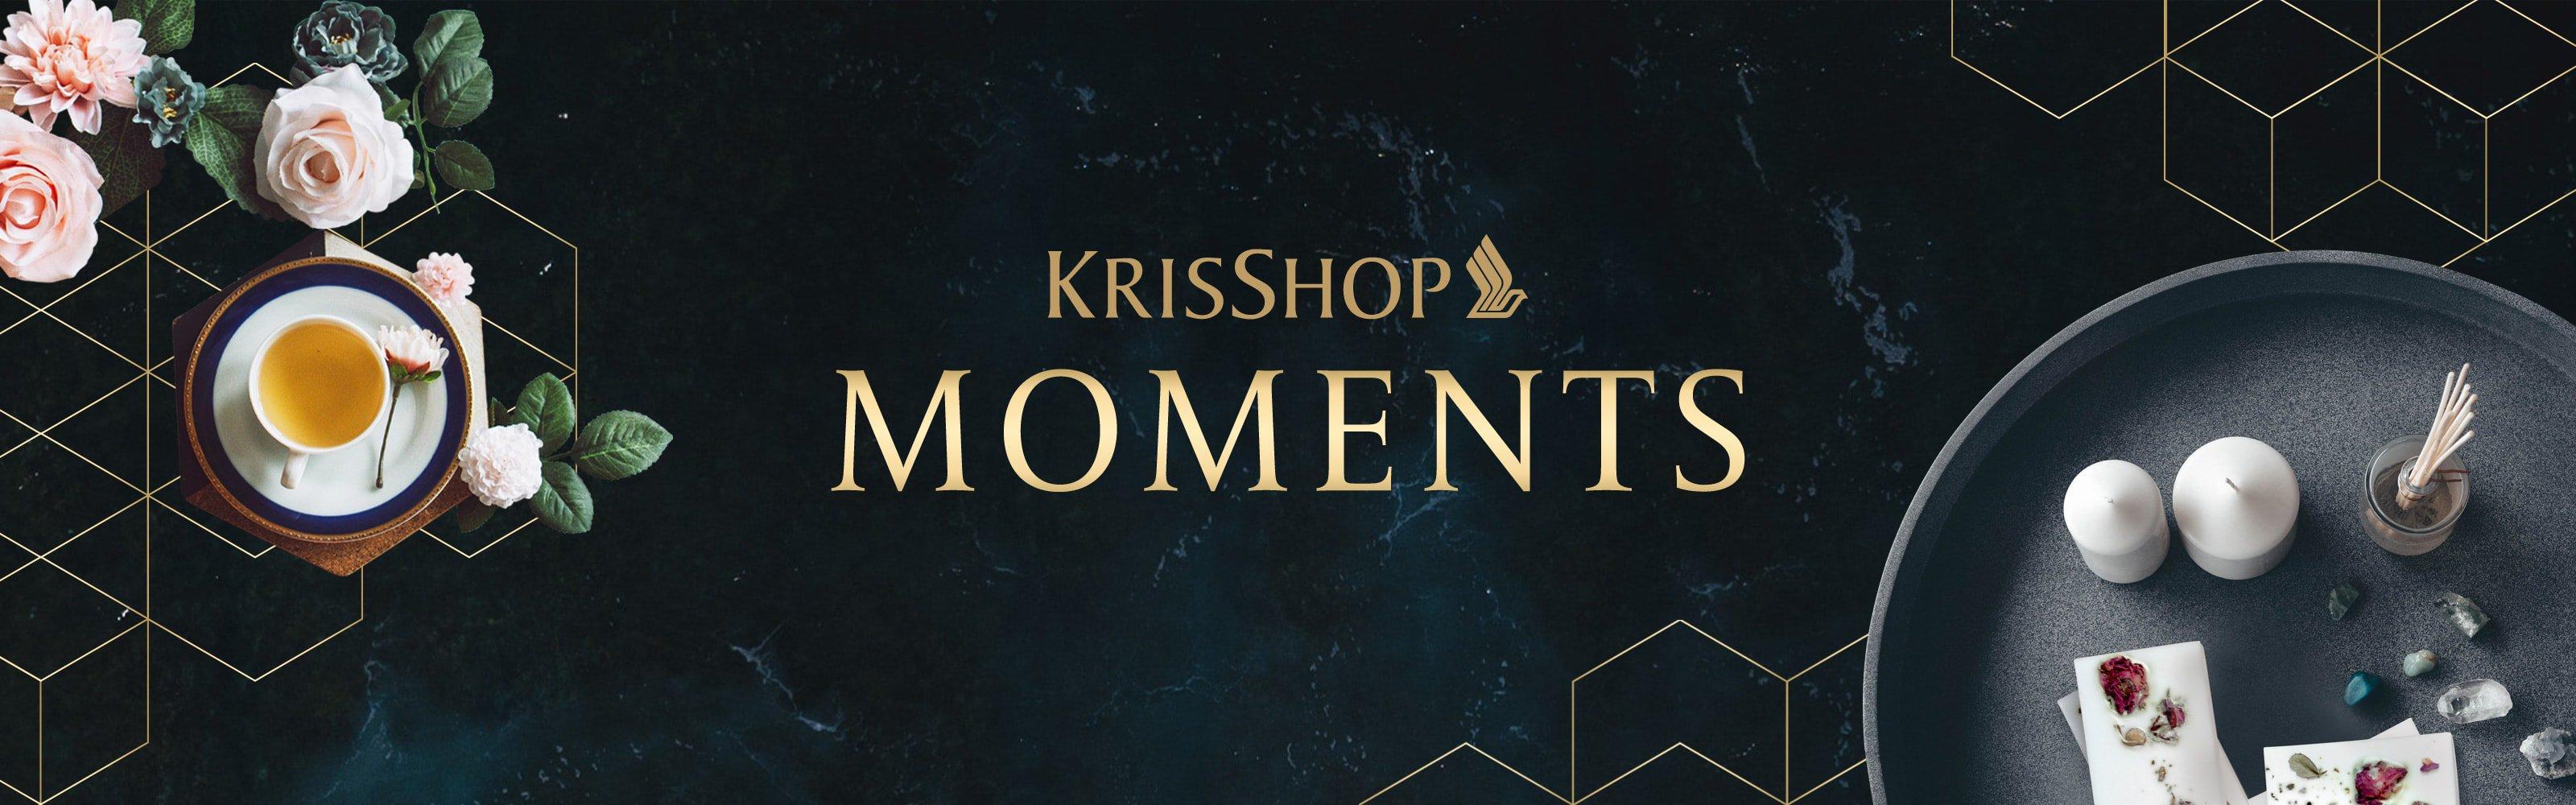 KrisShop Moments